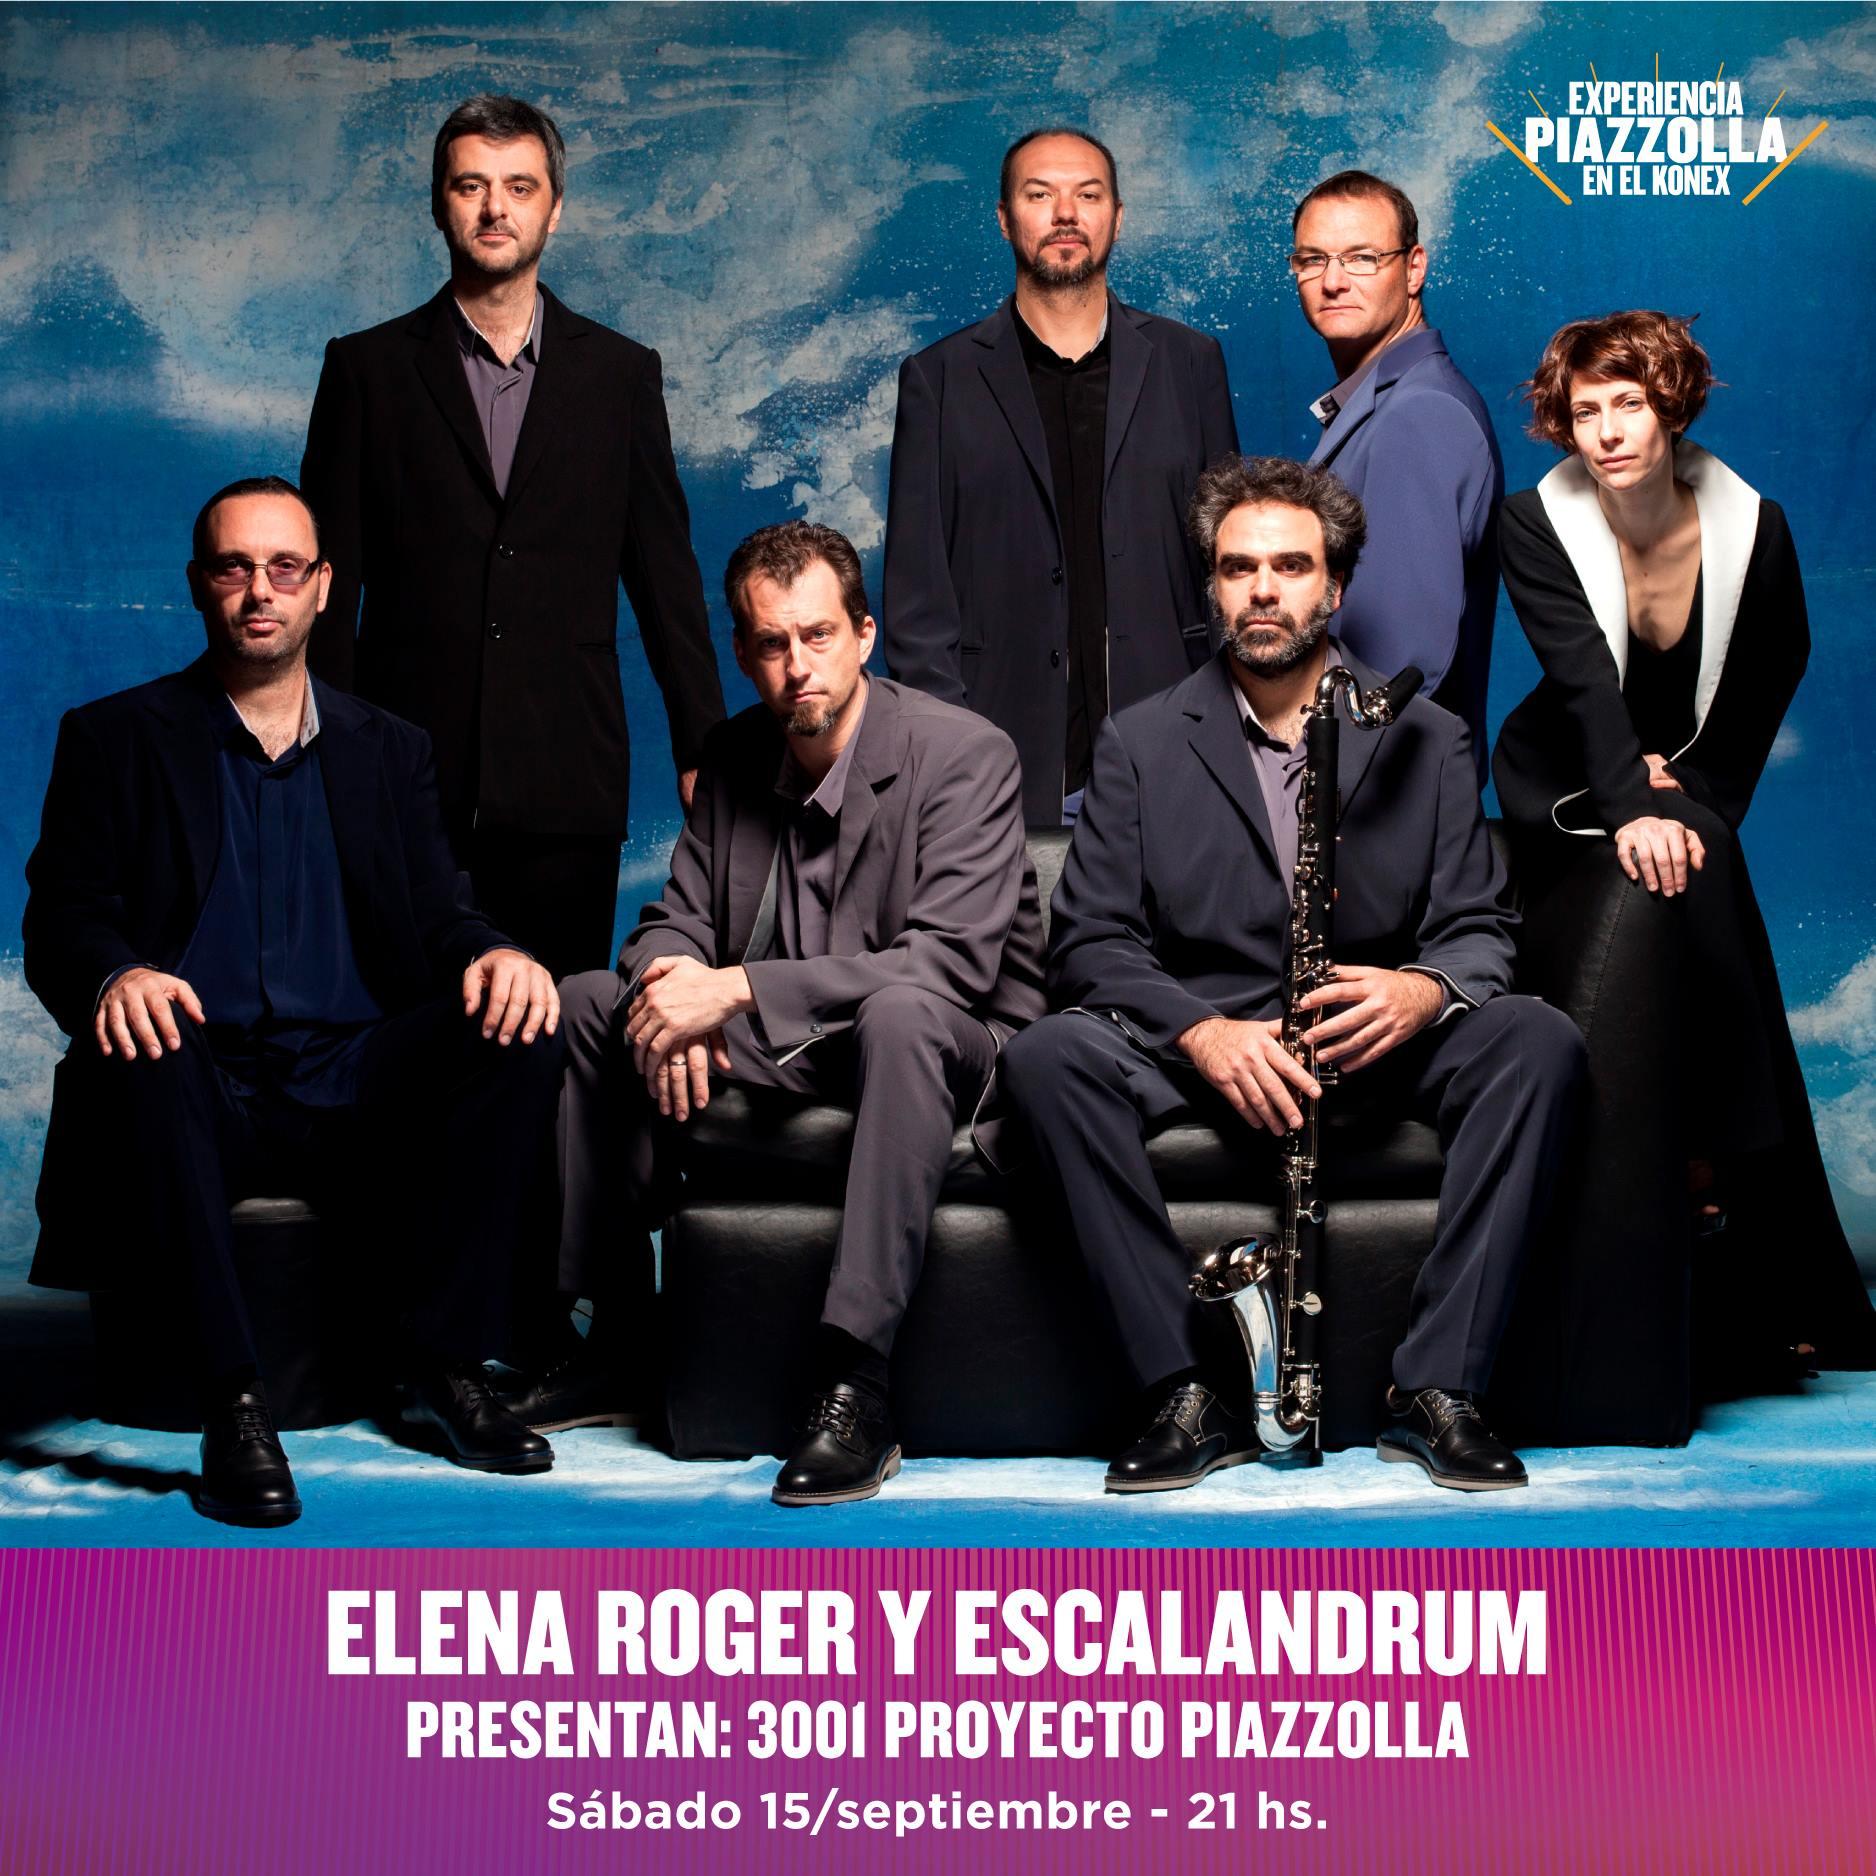 Elena Roger y Escalandrum presentan 3001 Proyecto Piazzolla